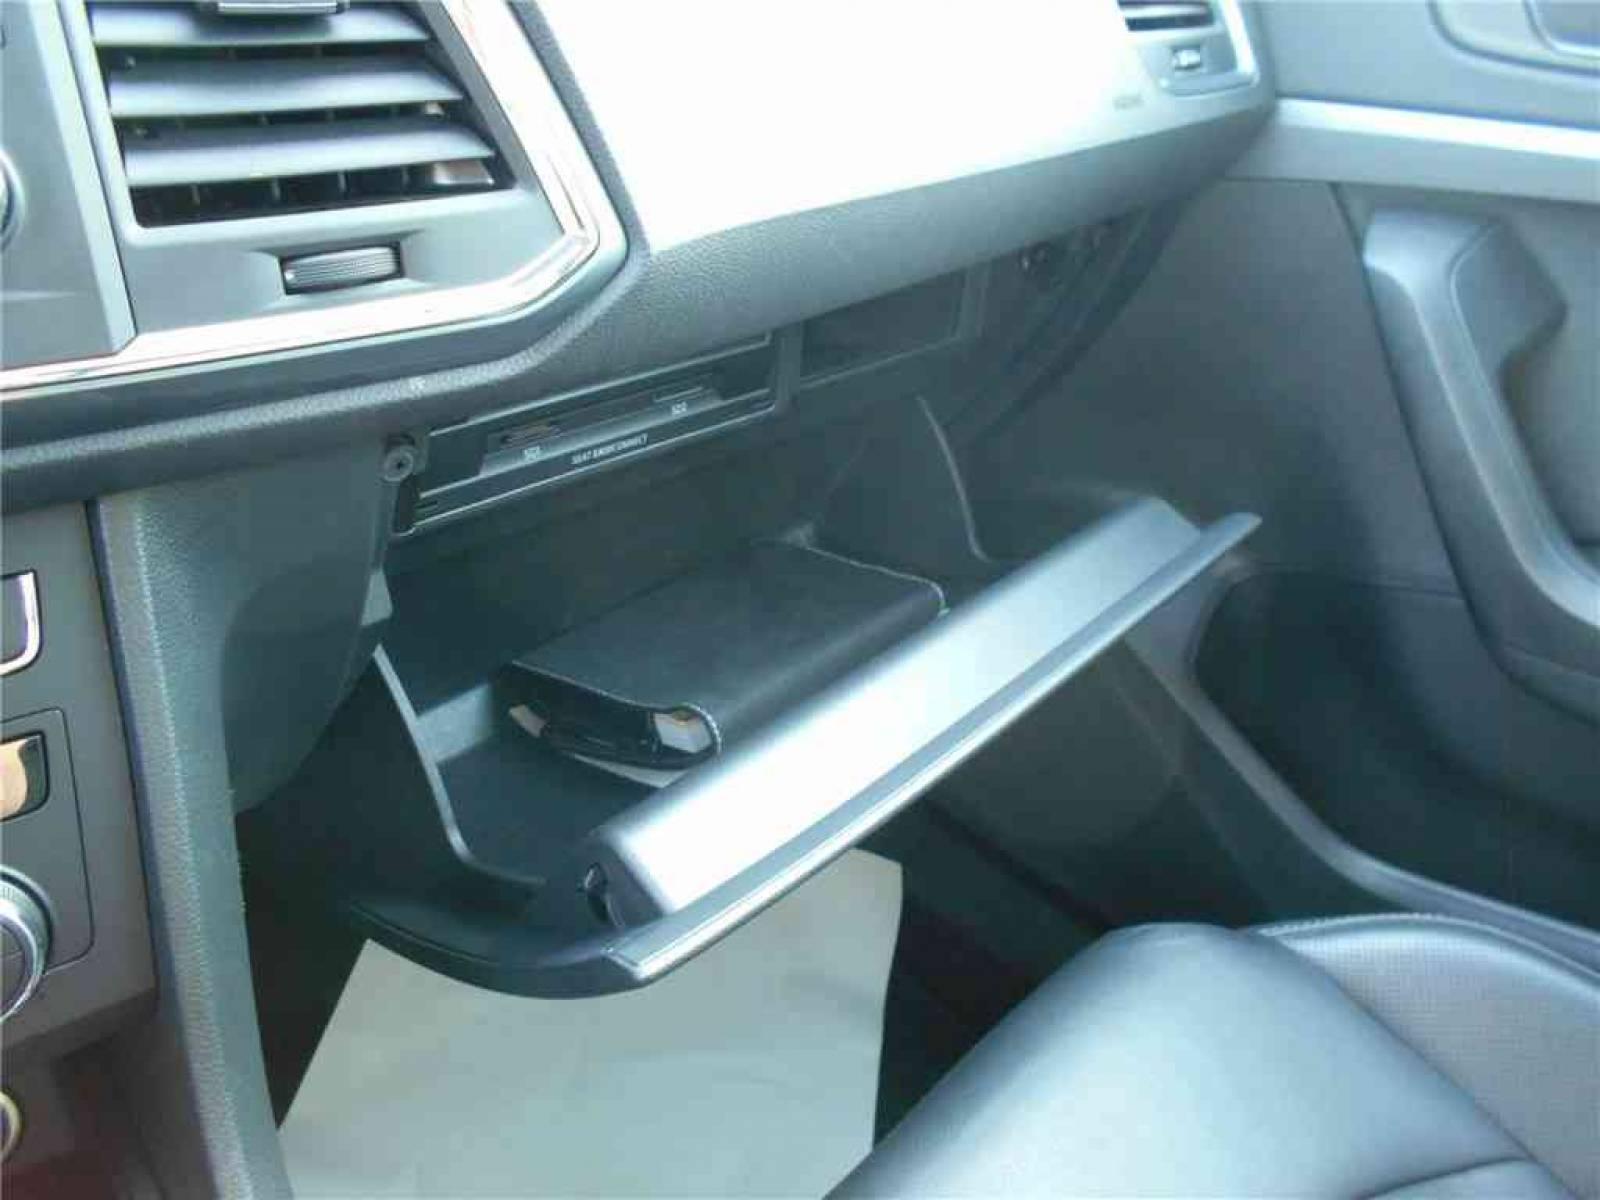 SEAT Ateca 1.6 TDI 115 ch Start/Stop Ecomotive DSG7 - véhicule d'occasion - Groupe Guillet - Chalon Automobiles - 71100 - Chalon-sur-Saône - 12